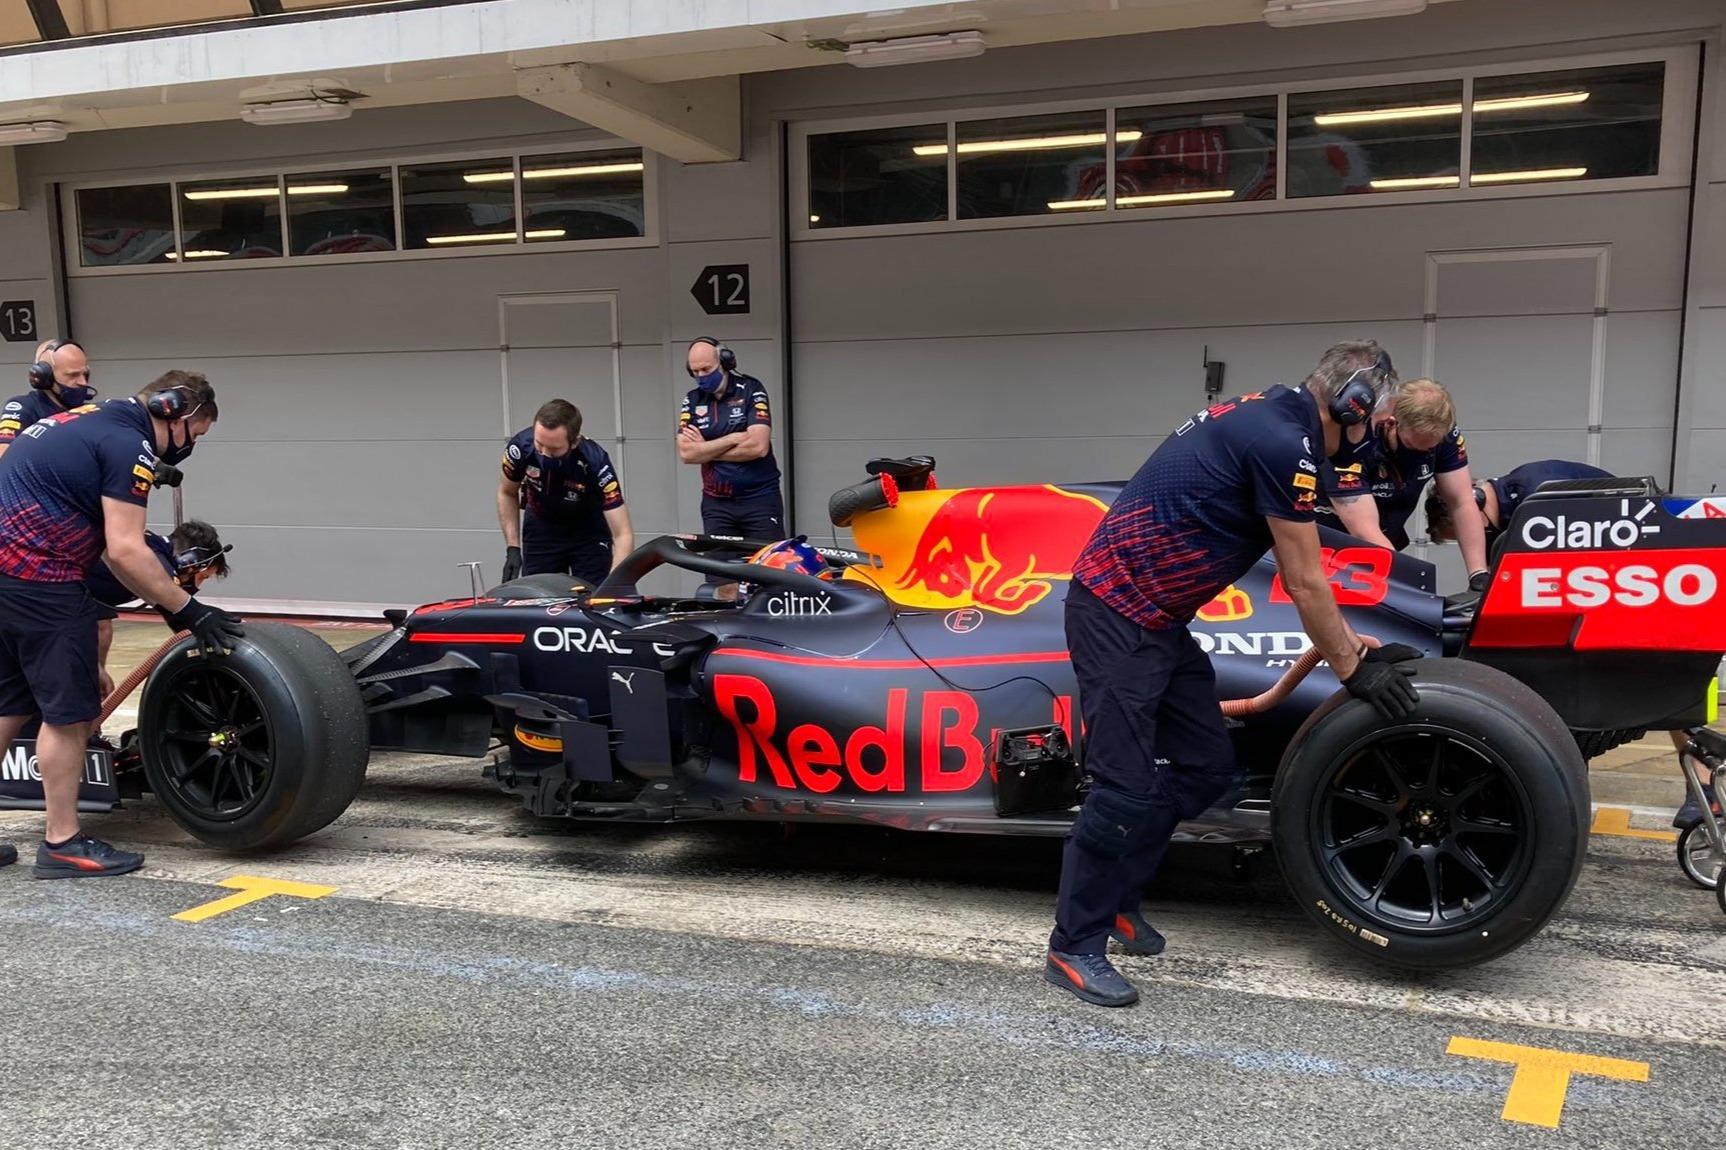 Así lució el Red Bull en el test de Pirelli en Barcelona.